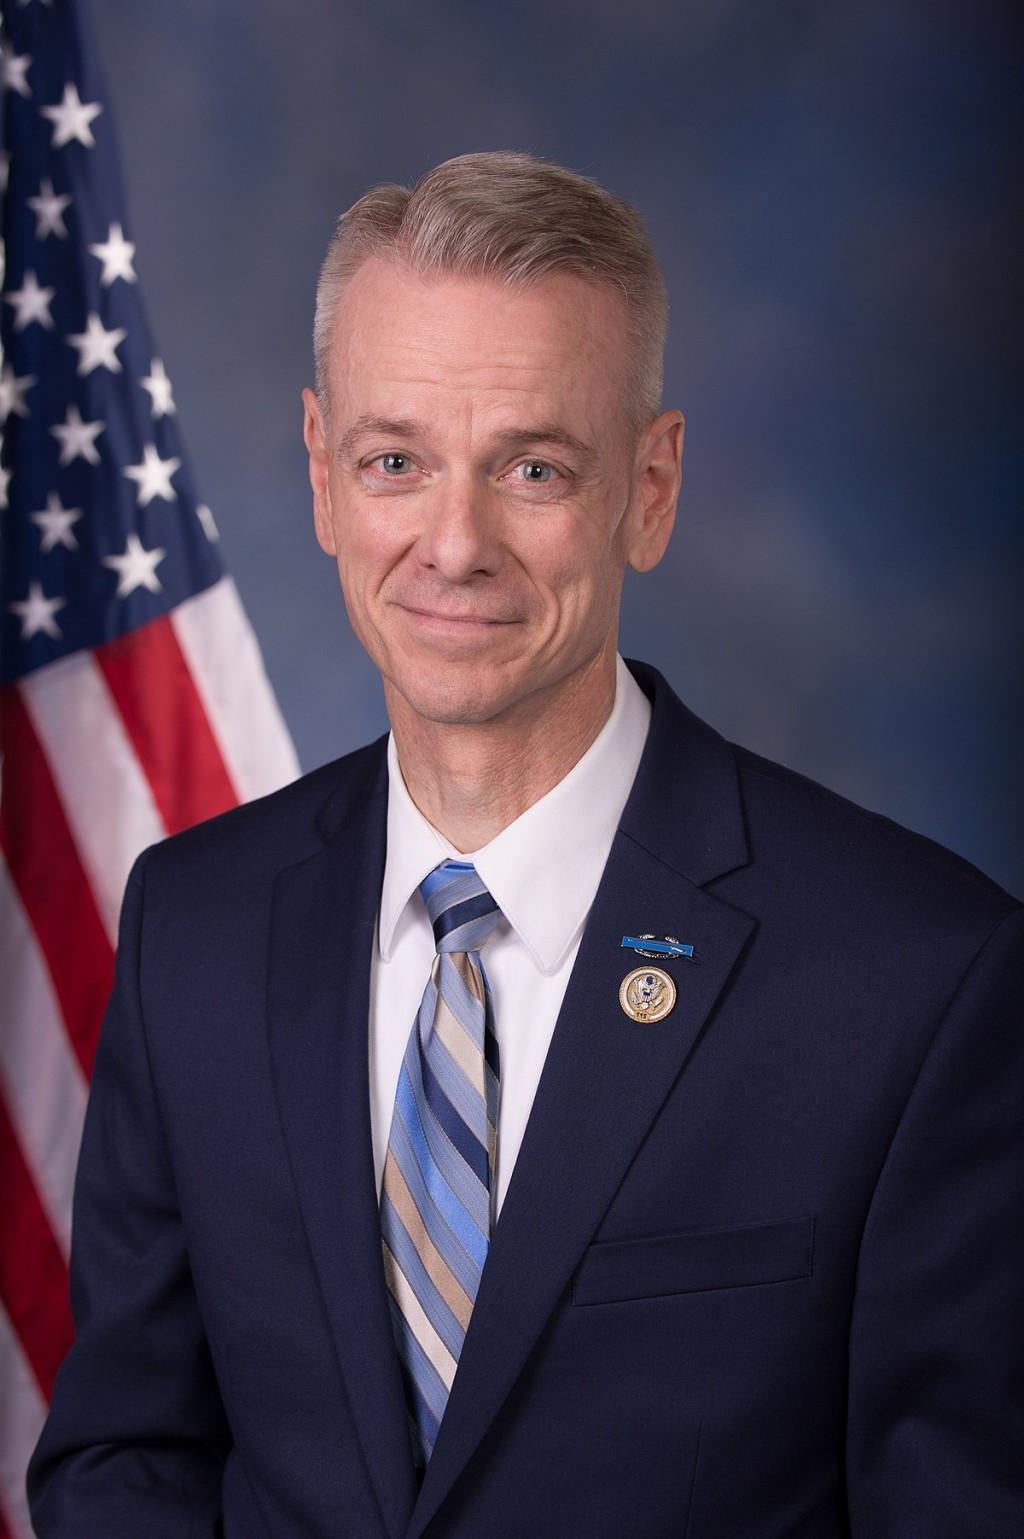 Poderoso Discurso de Congresista Steve Russell sobre Inmigración